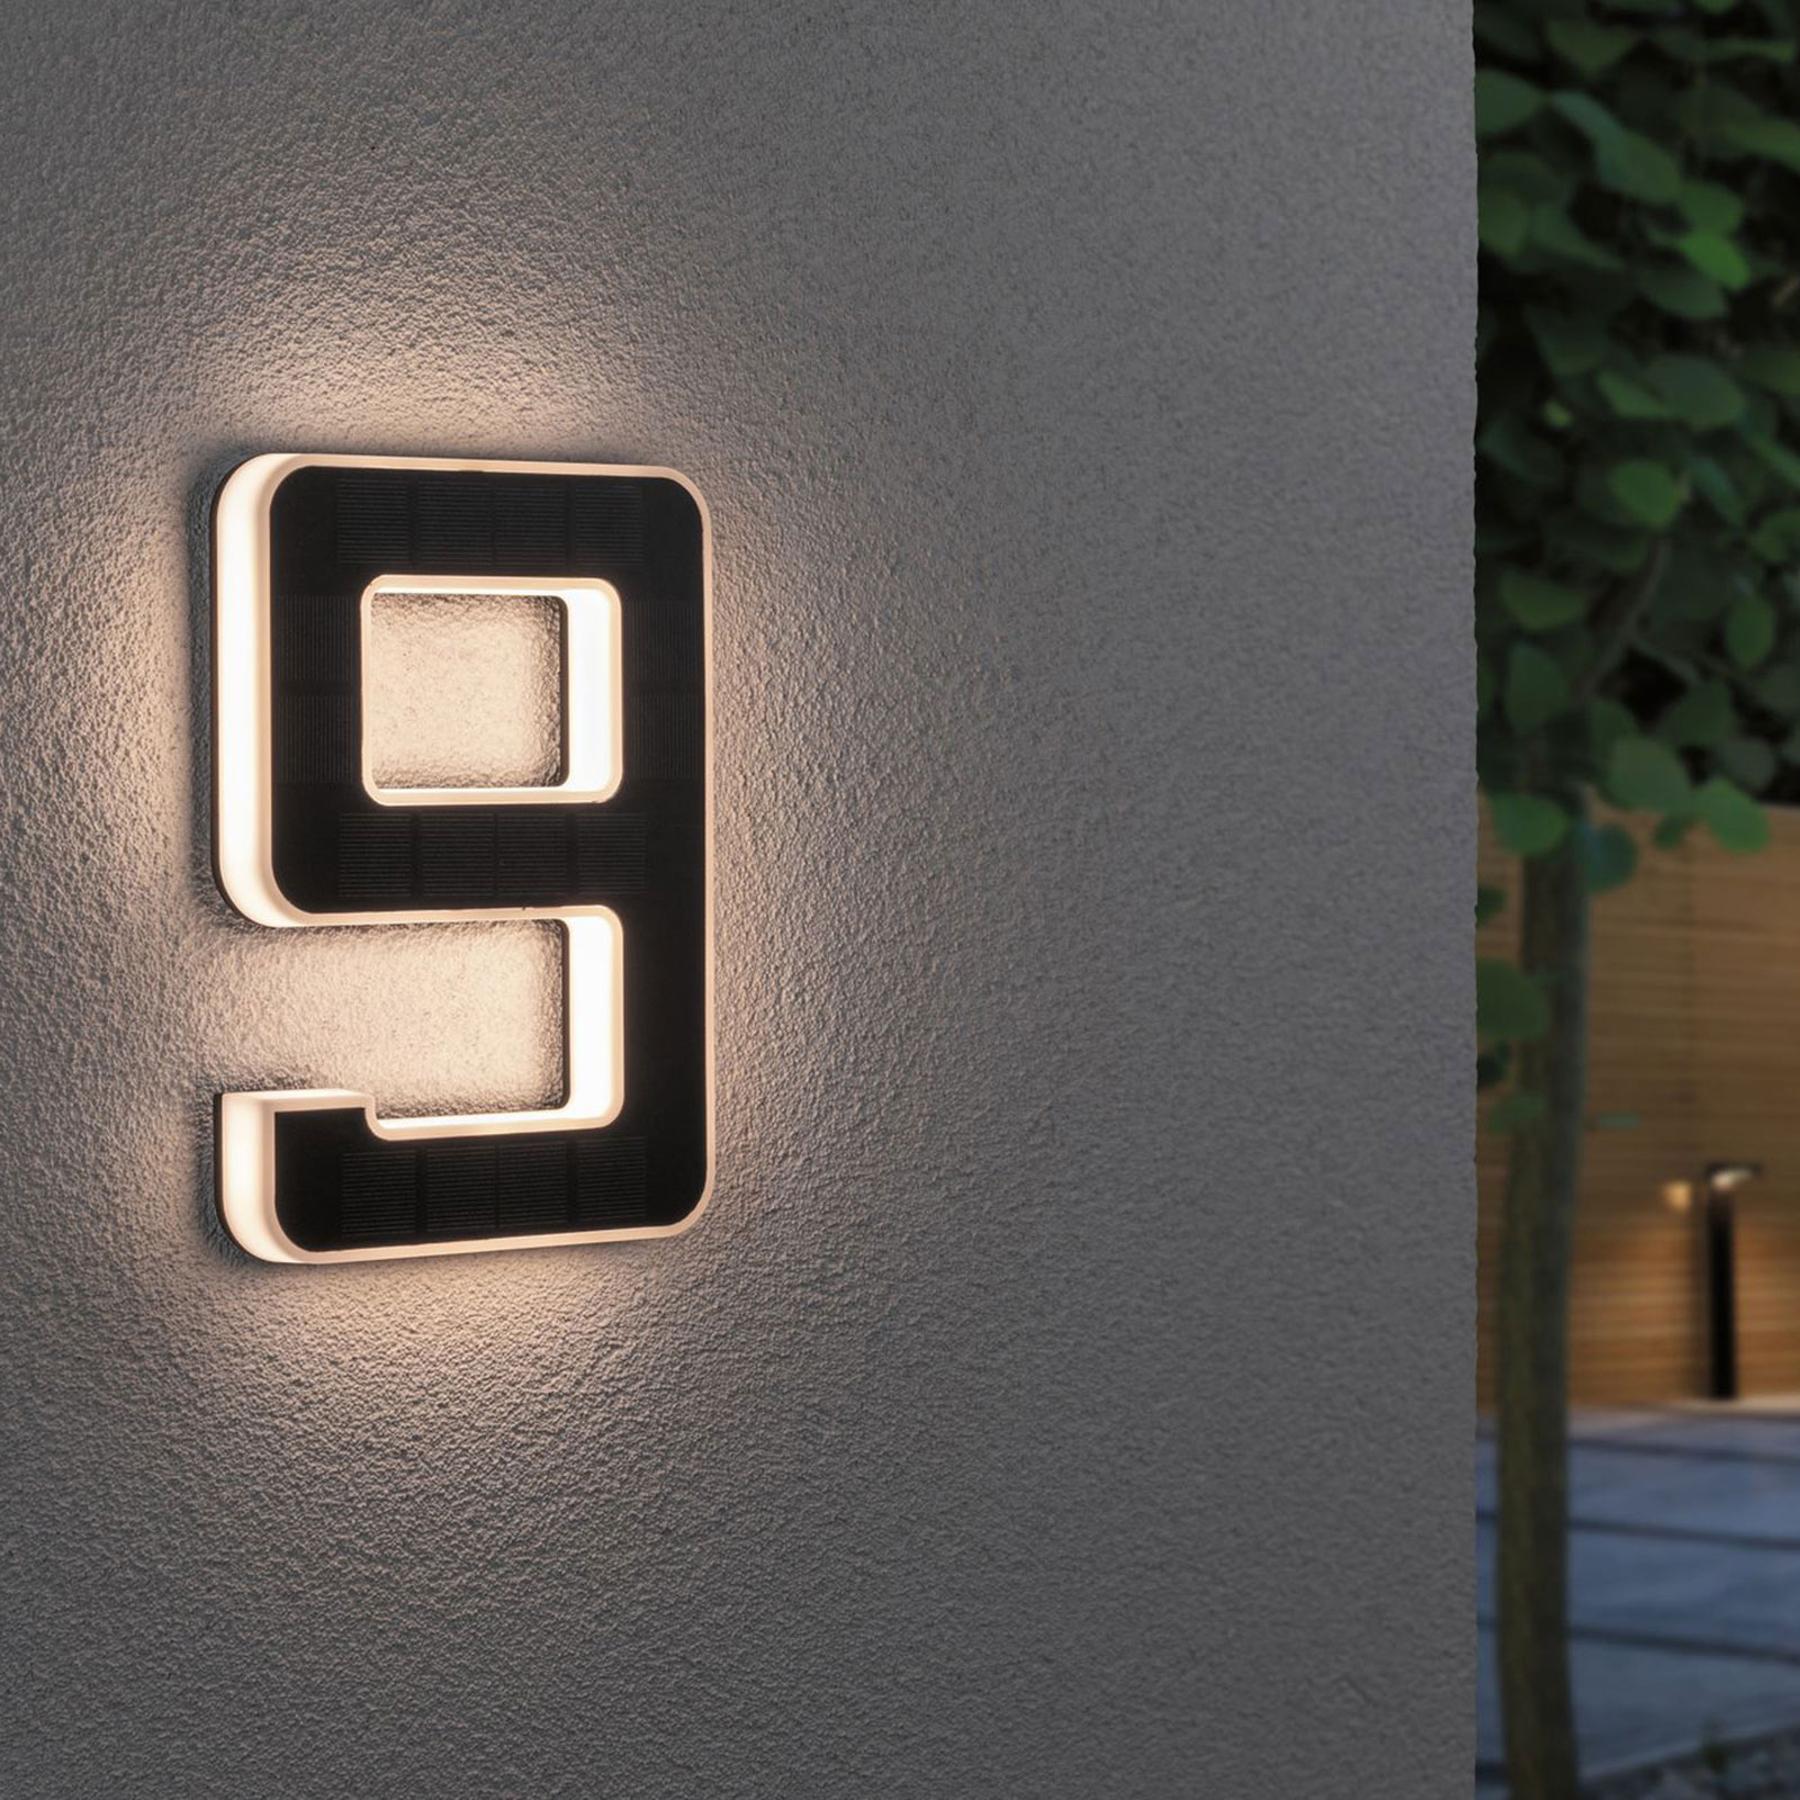 Paulmann lampada LED solare numero civico 9 Offerte e sconti